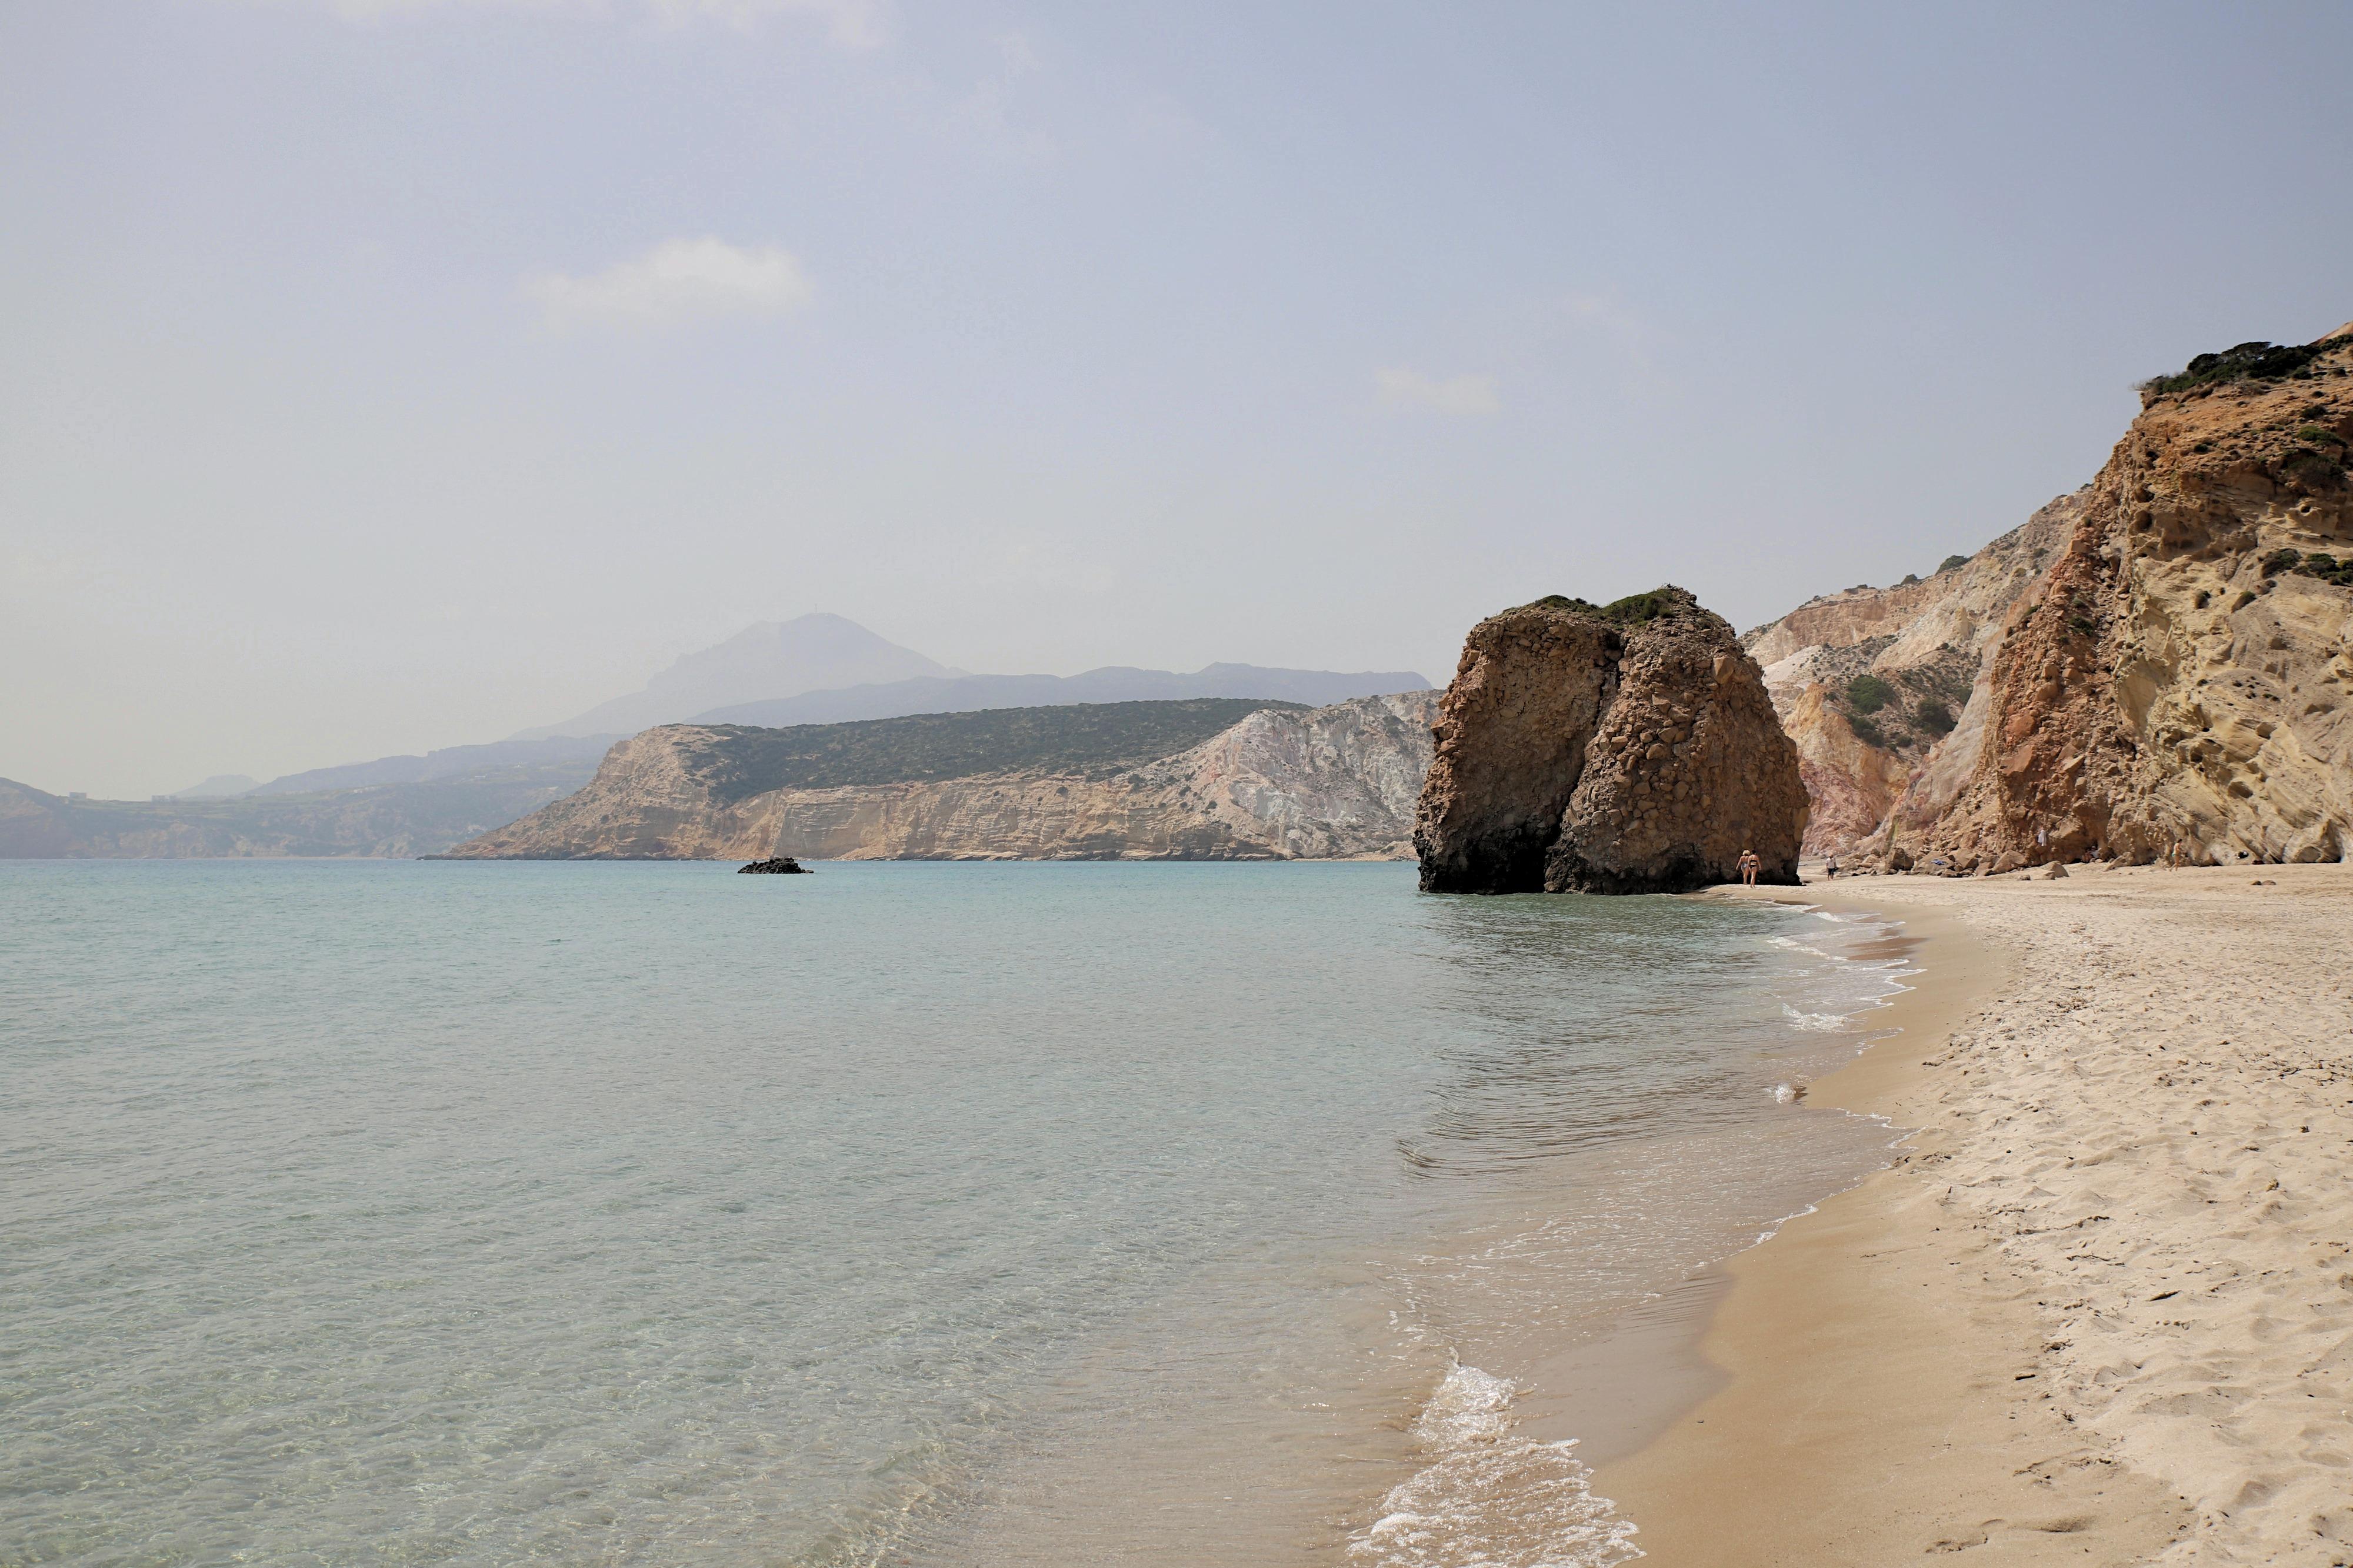 Mein absoluter Lieblingsstrand auf Milos ist der Firiplaka Beach, diesen wunderschönen Ort zum Baden hatten wir komplett für uns allein.